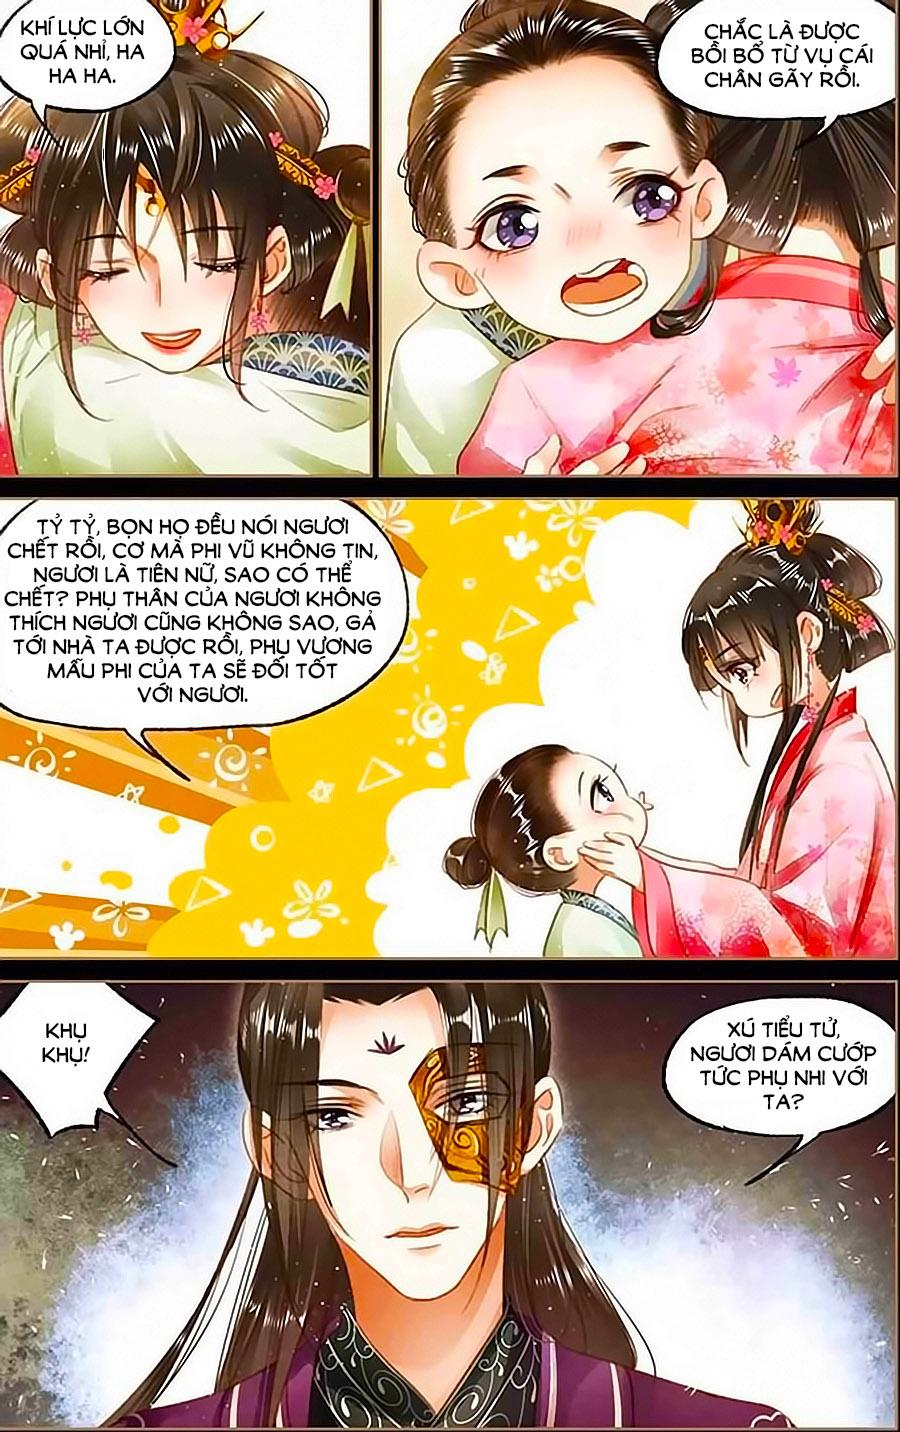 Thần Y Đích Nữ chap 89 - Trang 5